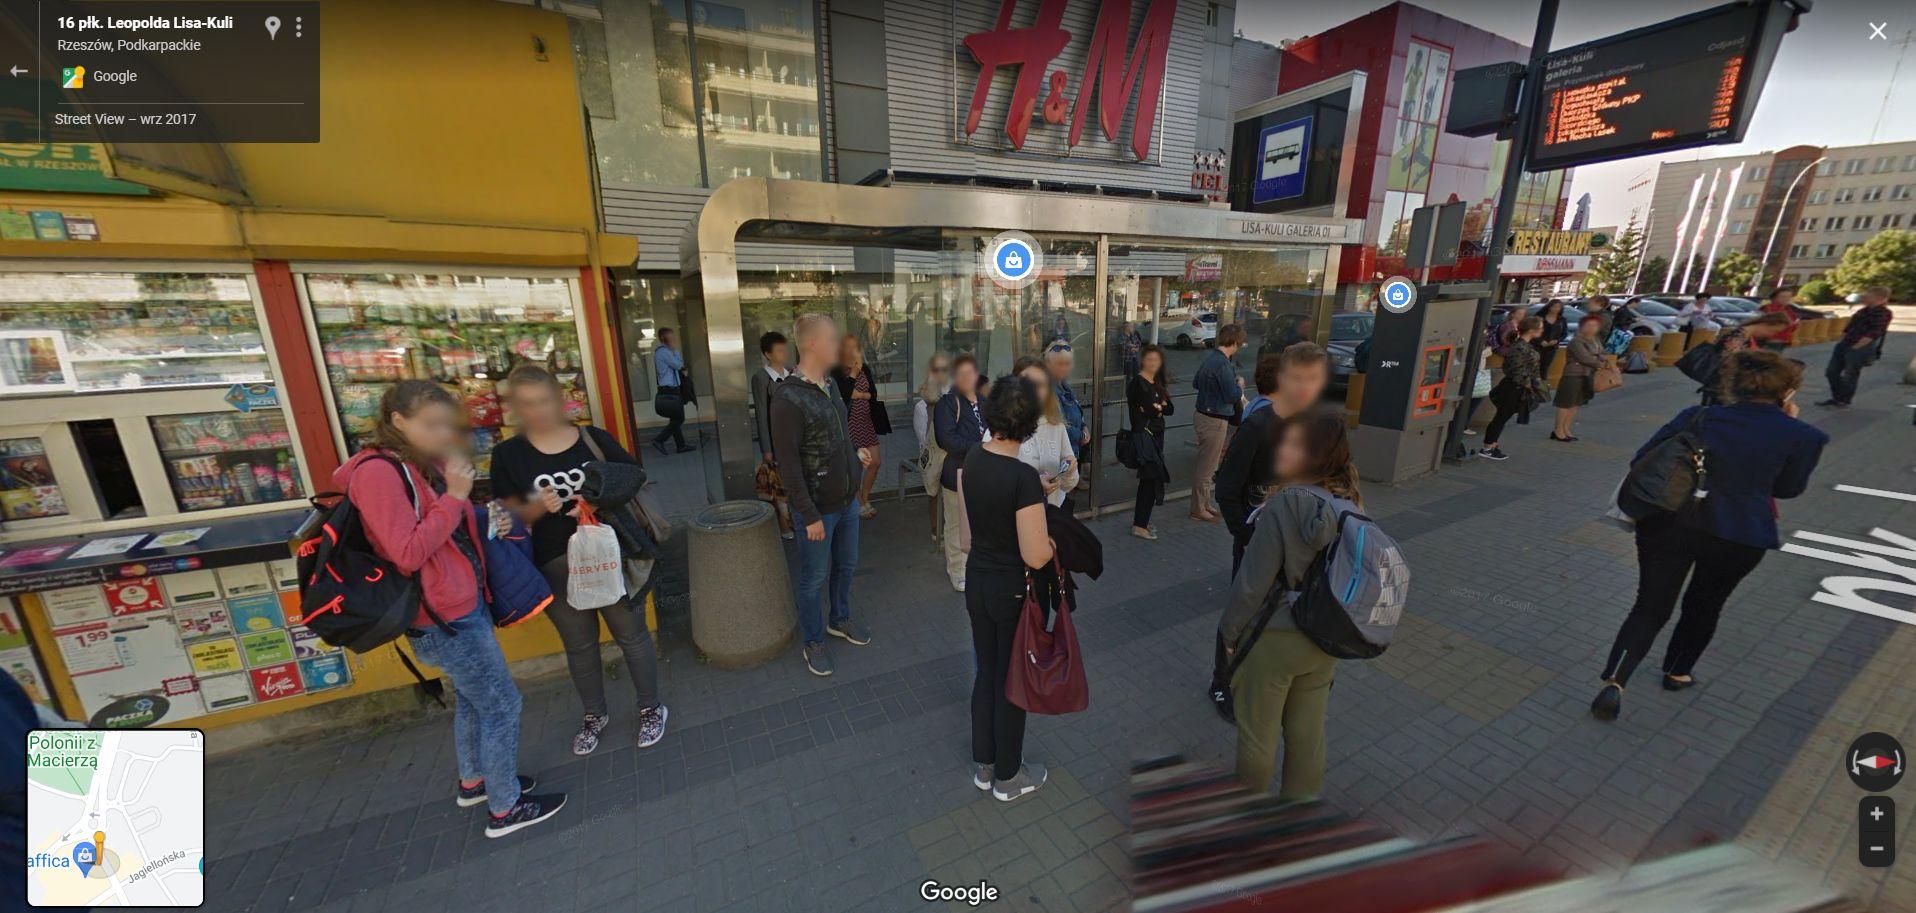 Taka moda na ulicach podkarpackich miast. Codzienne stylizacje na zdjęciach Google Street View [DUŻO ZDJĘĆ] - Zdjęcie główne